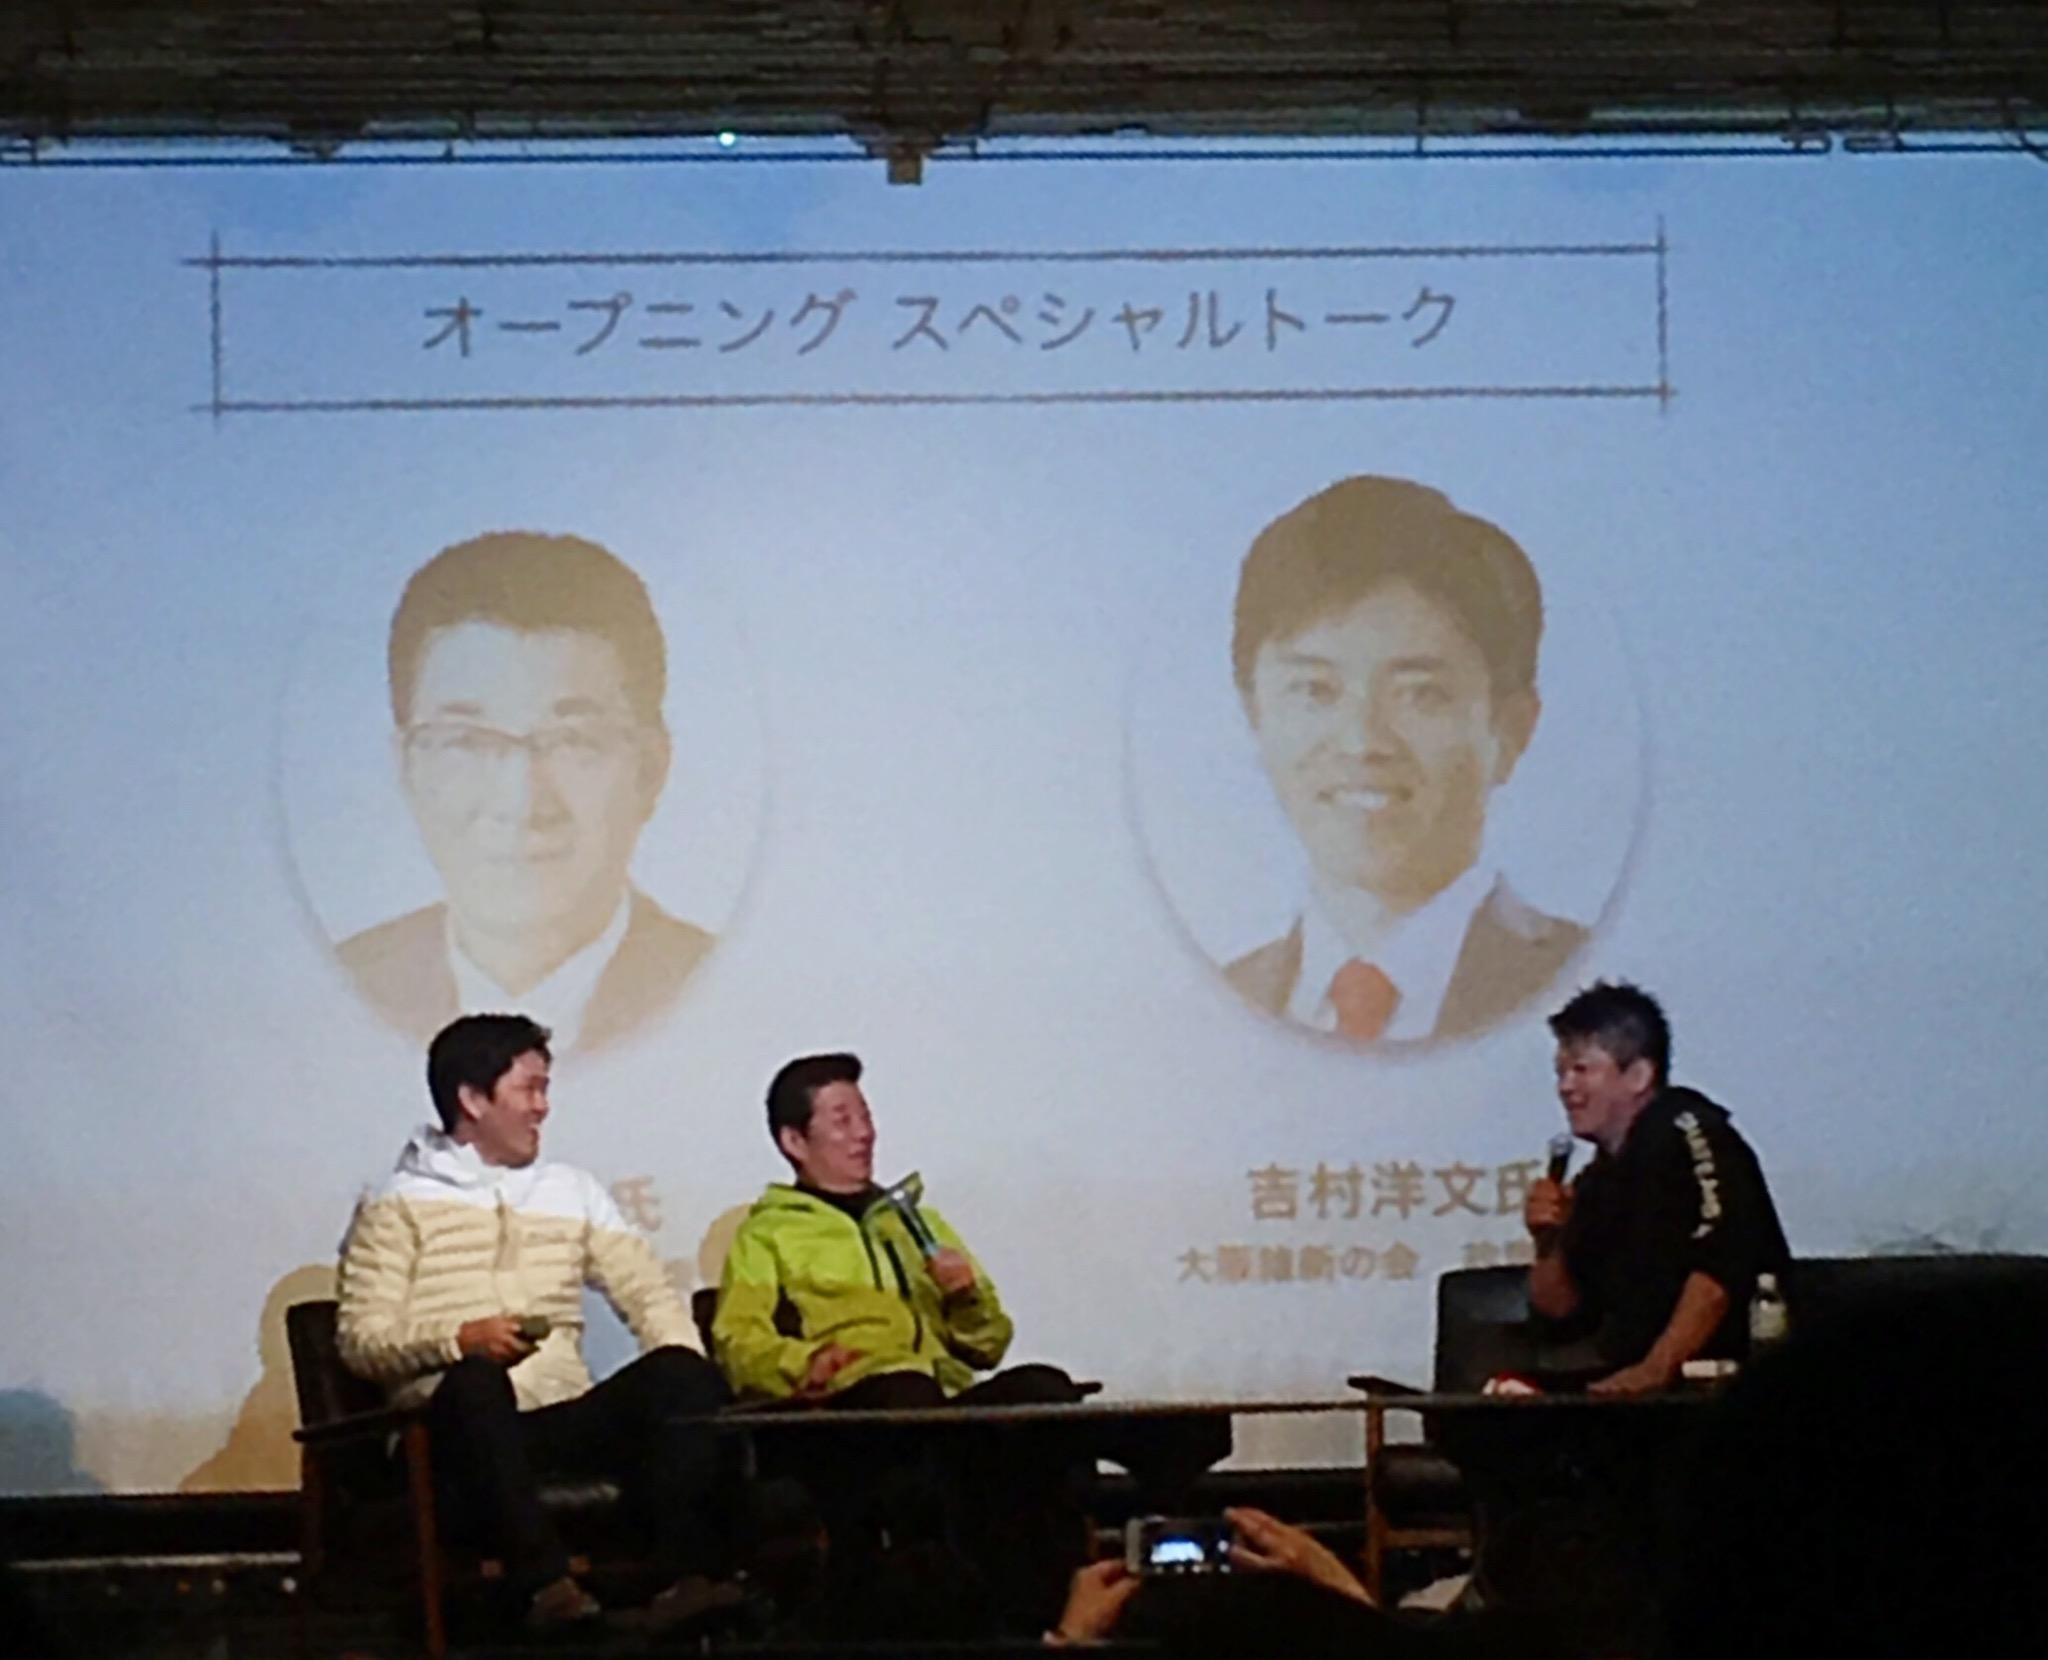 ホリエモングルメ祭in大阪 ビッグゲスト維新の会と爆食会とシュールな味園ユニバース